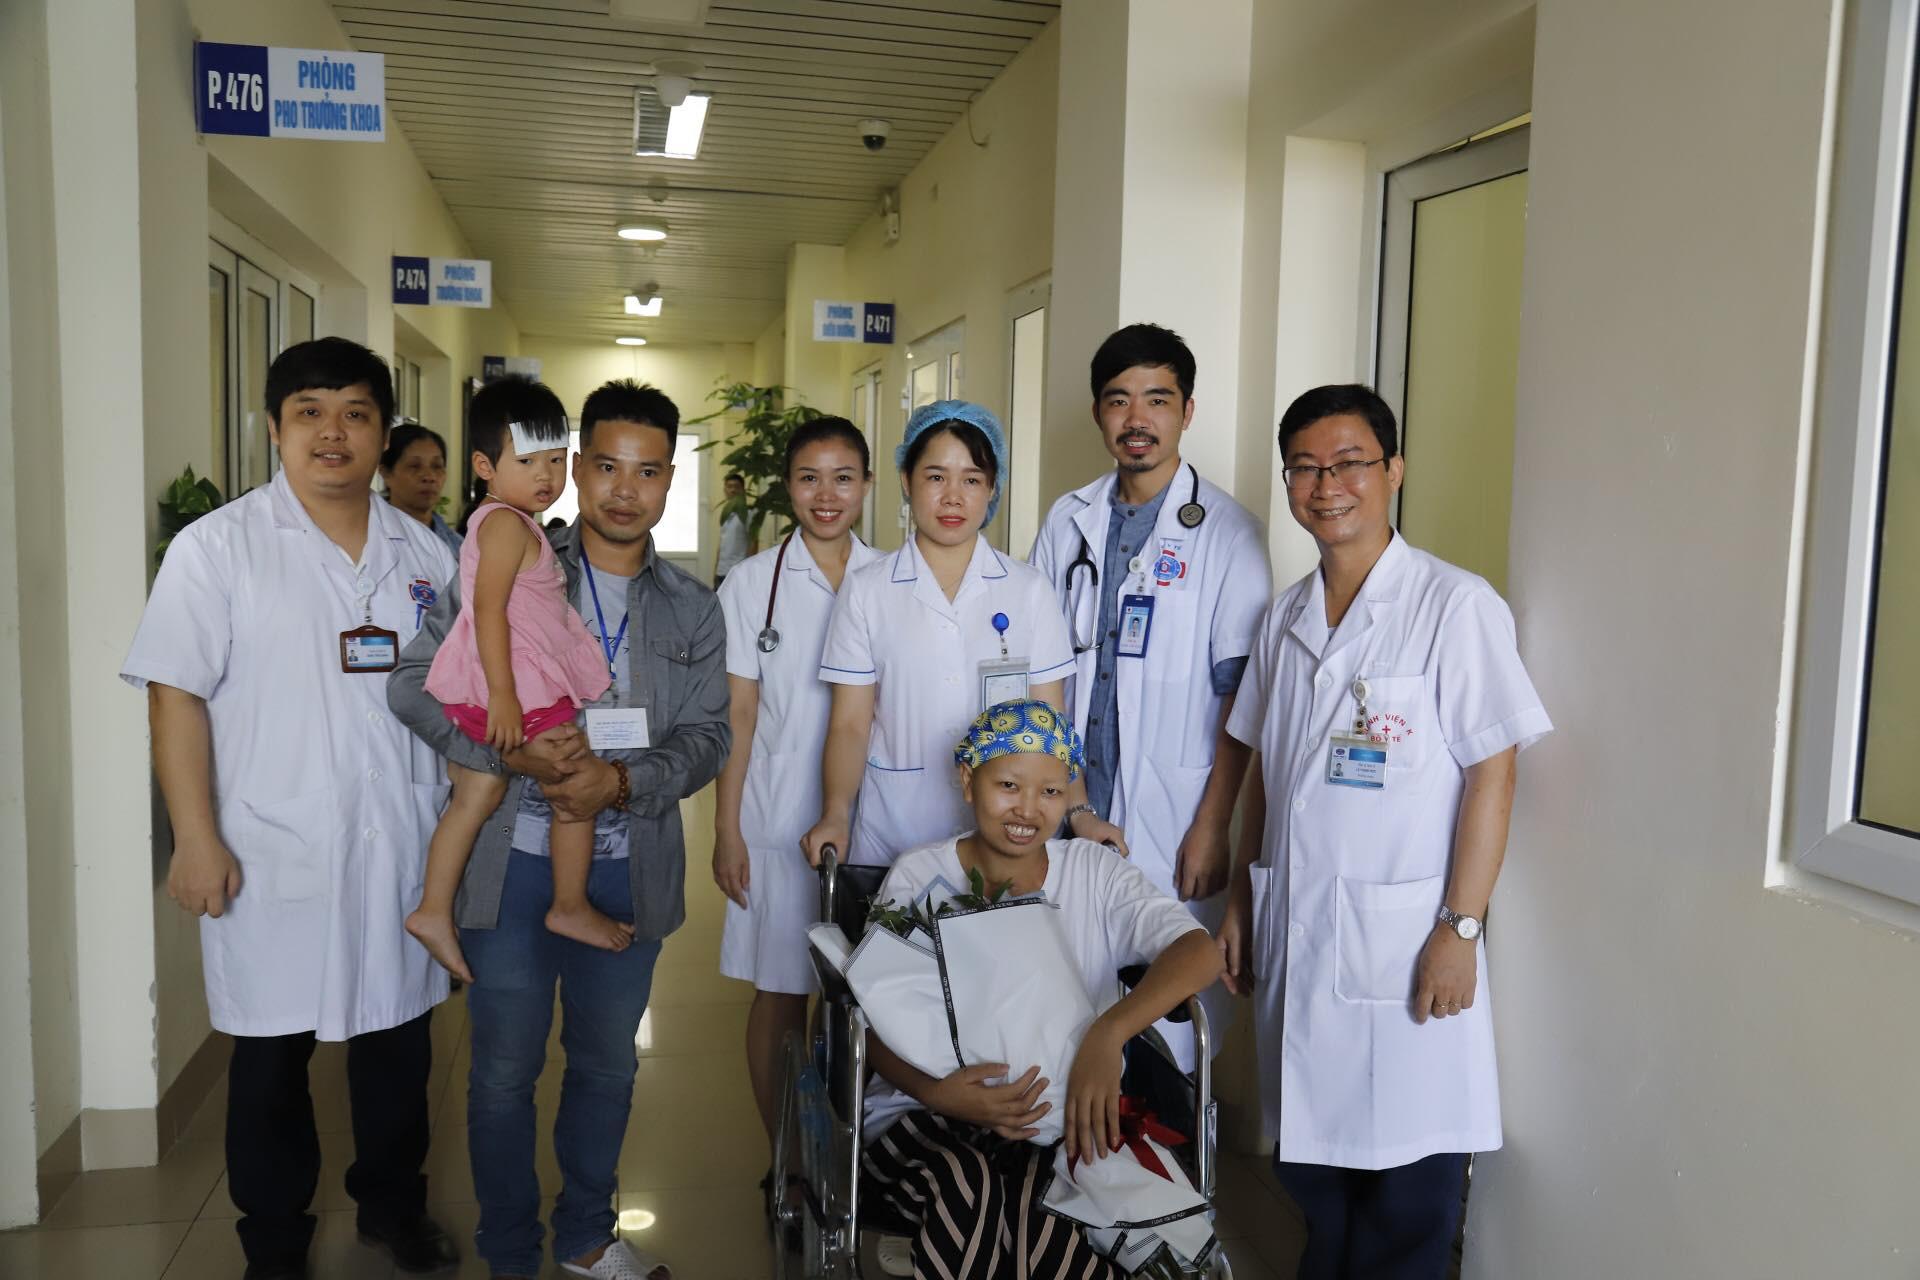 Nhật ký 55 ngày chiến đấu đầy cảm xúc của người mẹ ung thư và con trai: Mong Bình An rồi sẽ bình an!-9